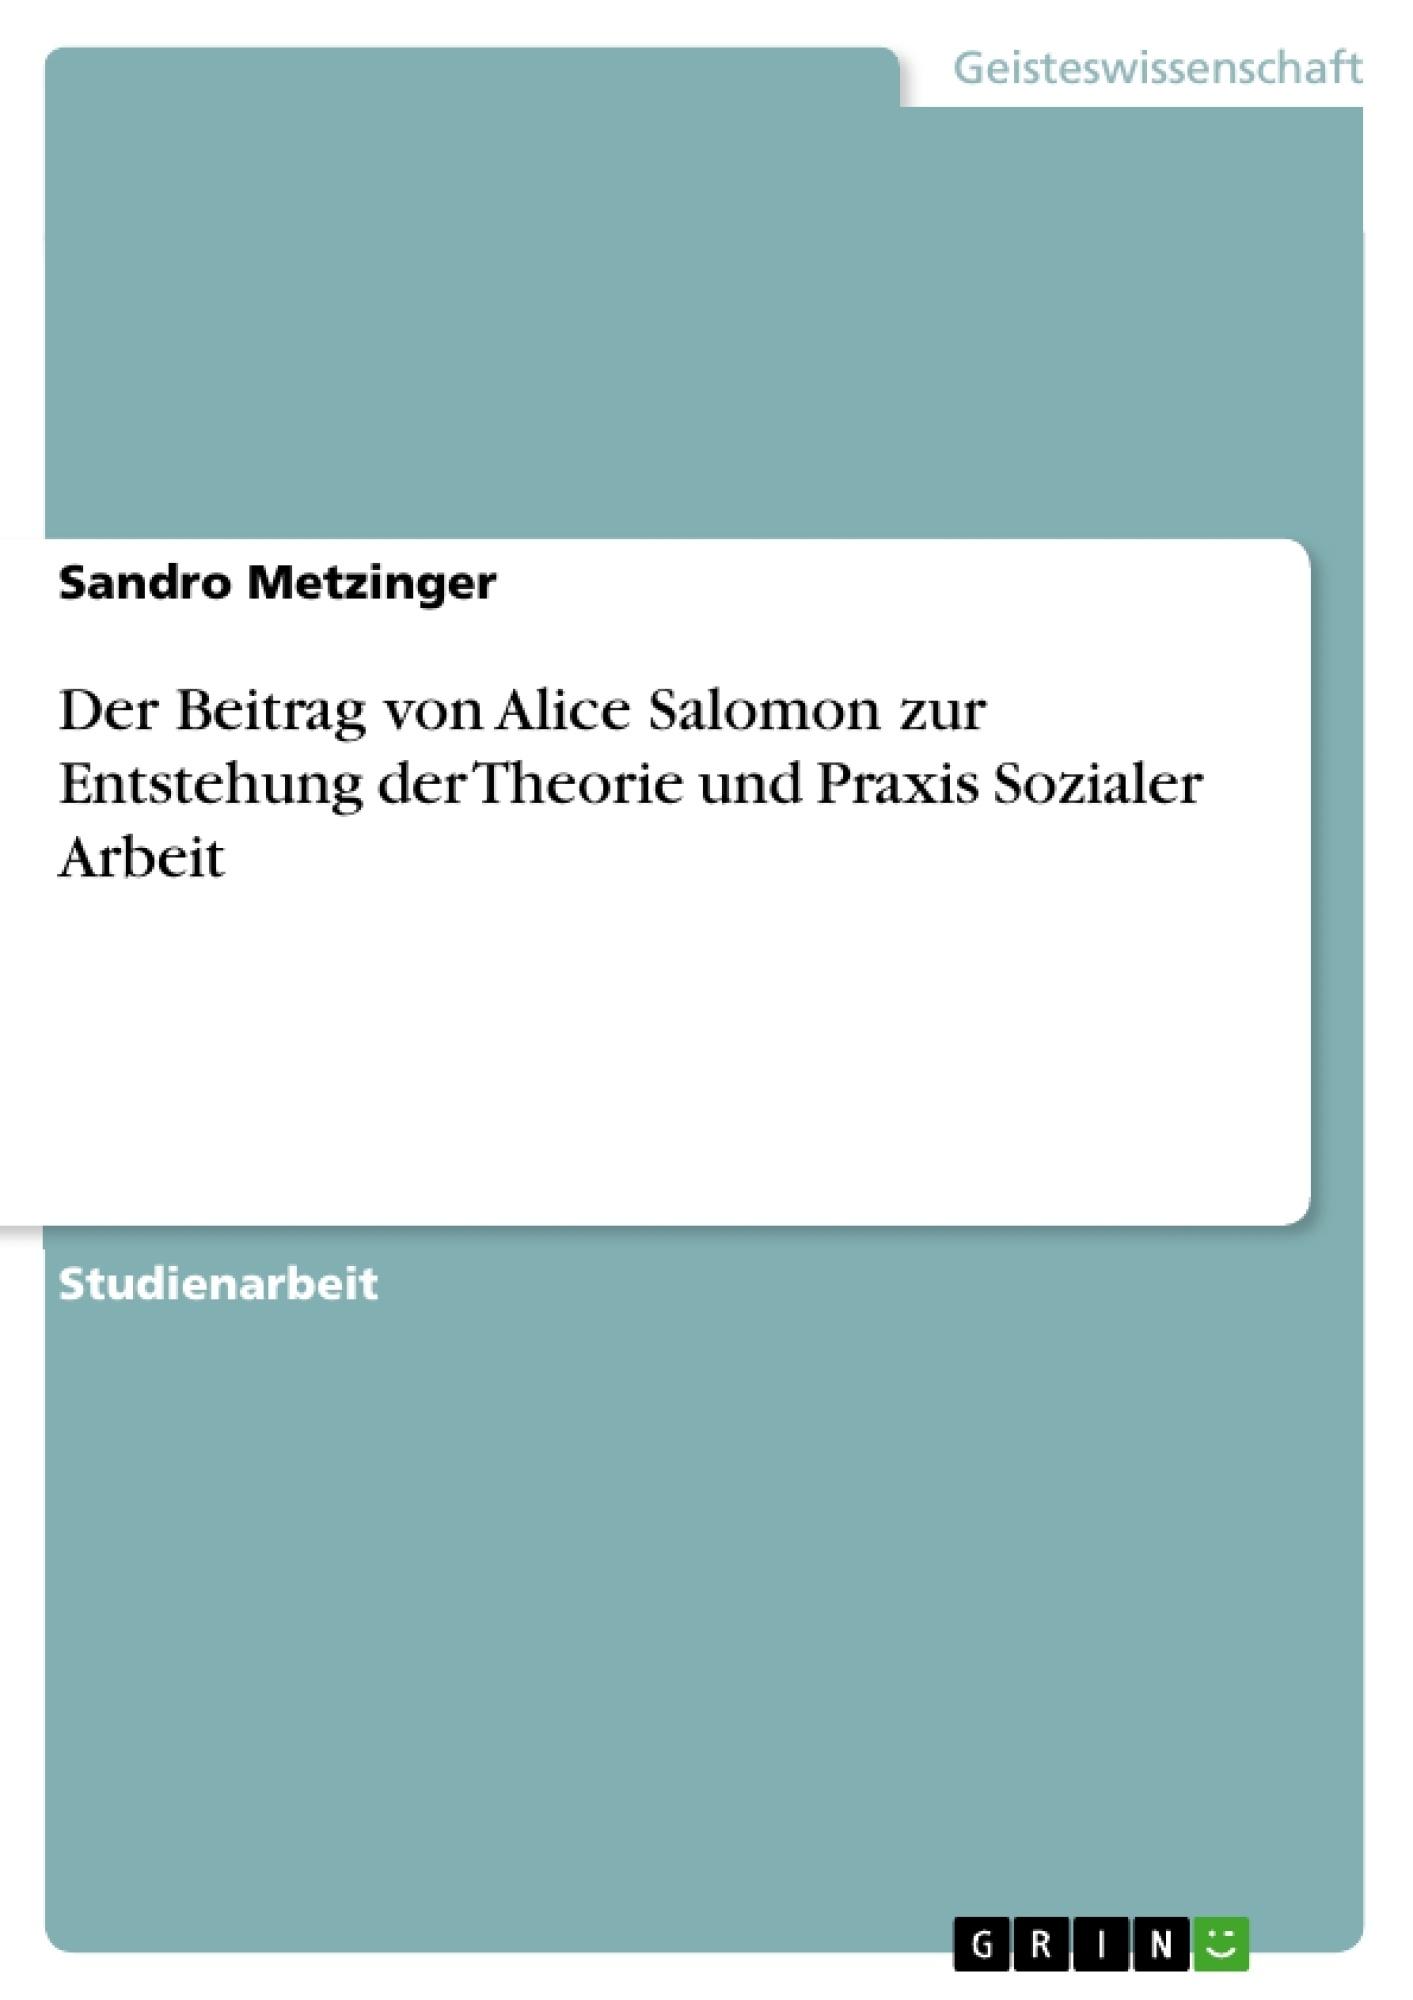 Titel: Der Beitrag von Alice Salomon zur Entstehung der Theorie und Praxis Sozialer Arbeit